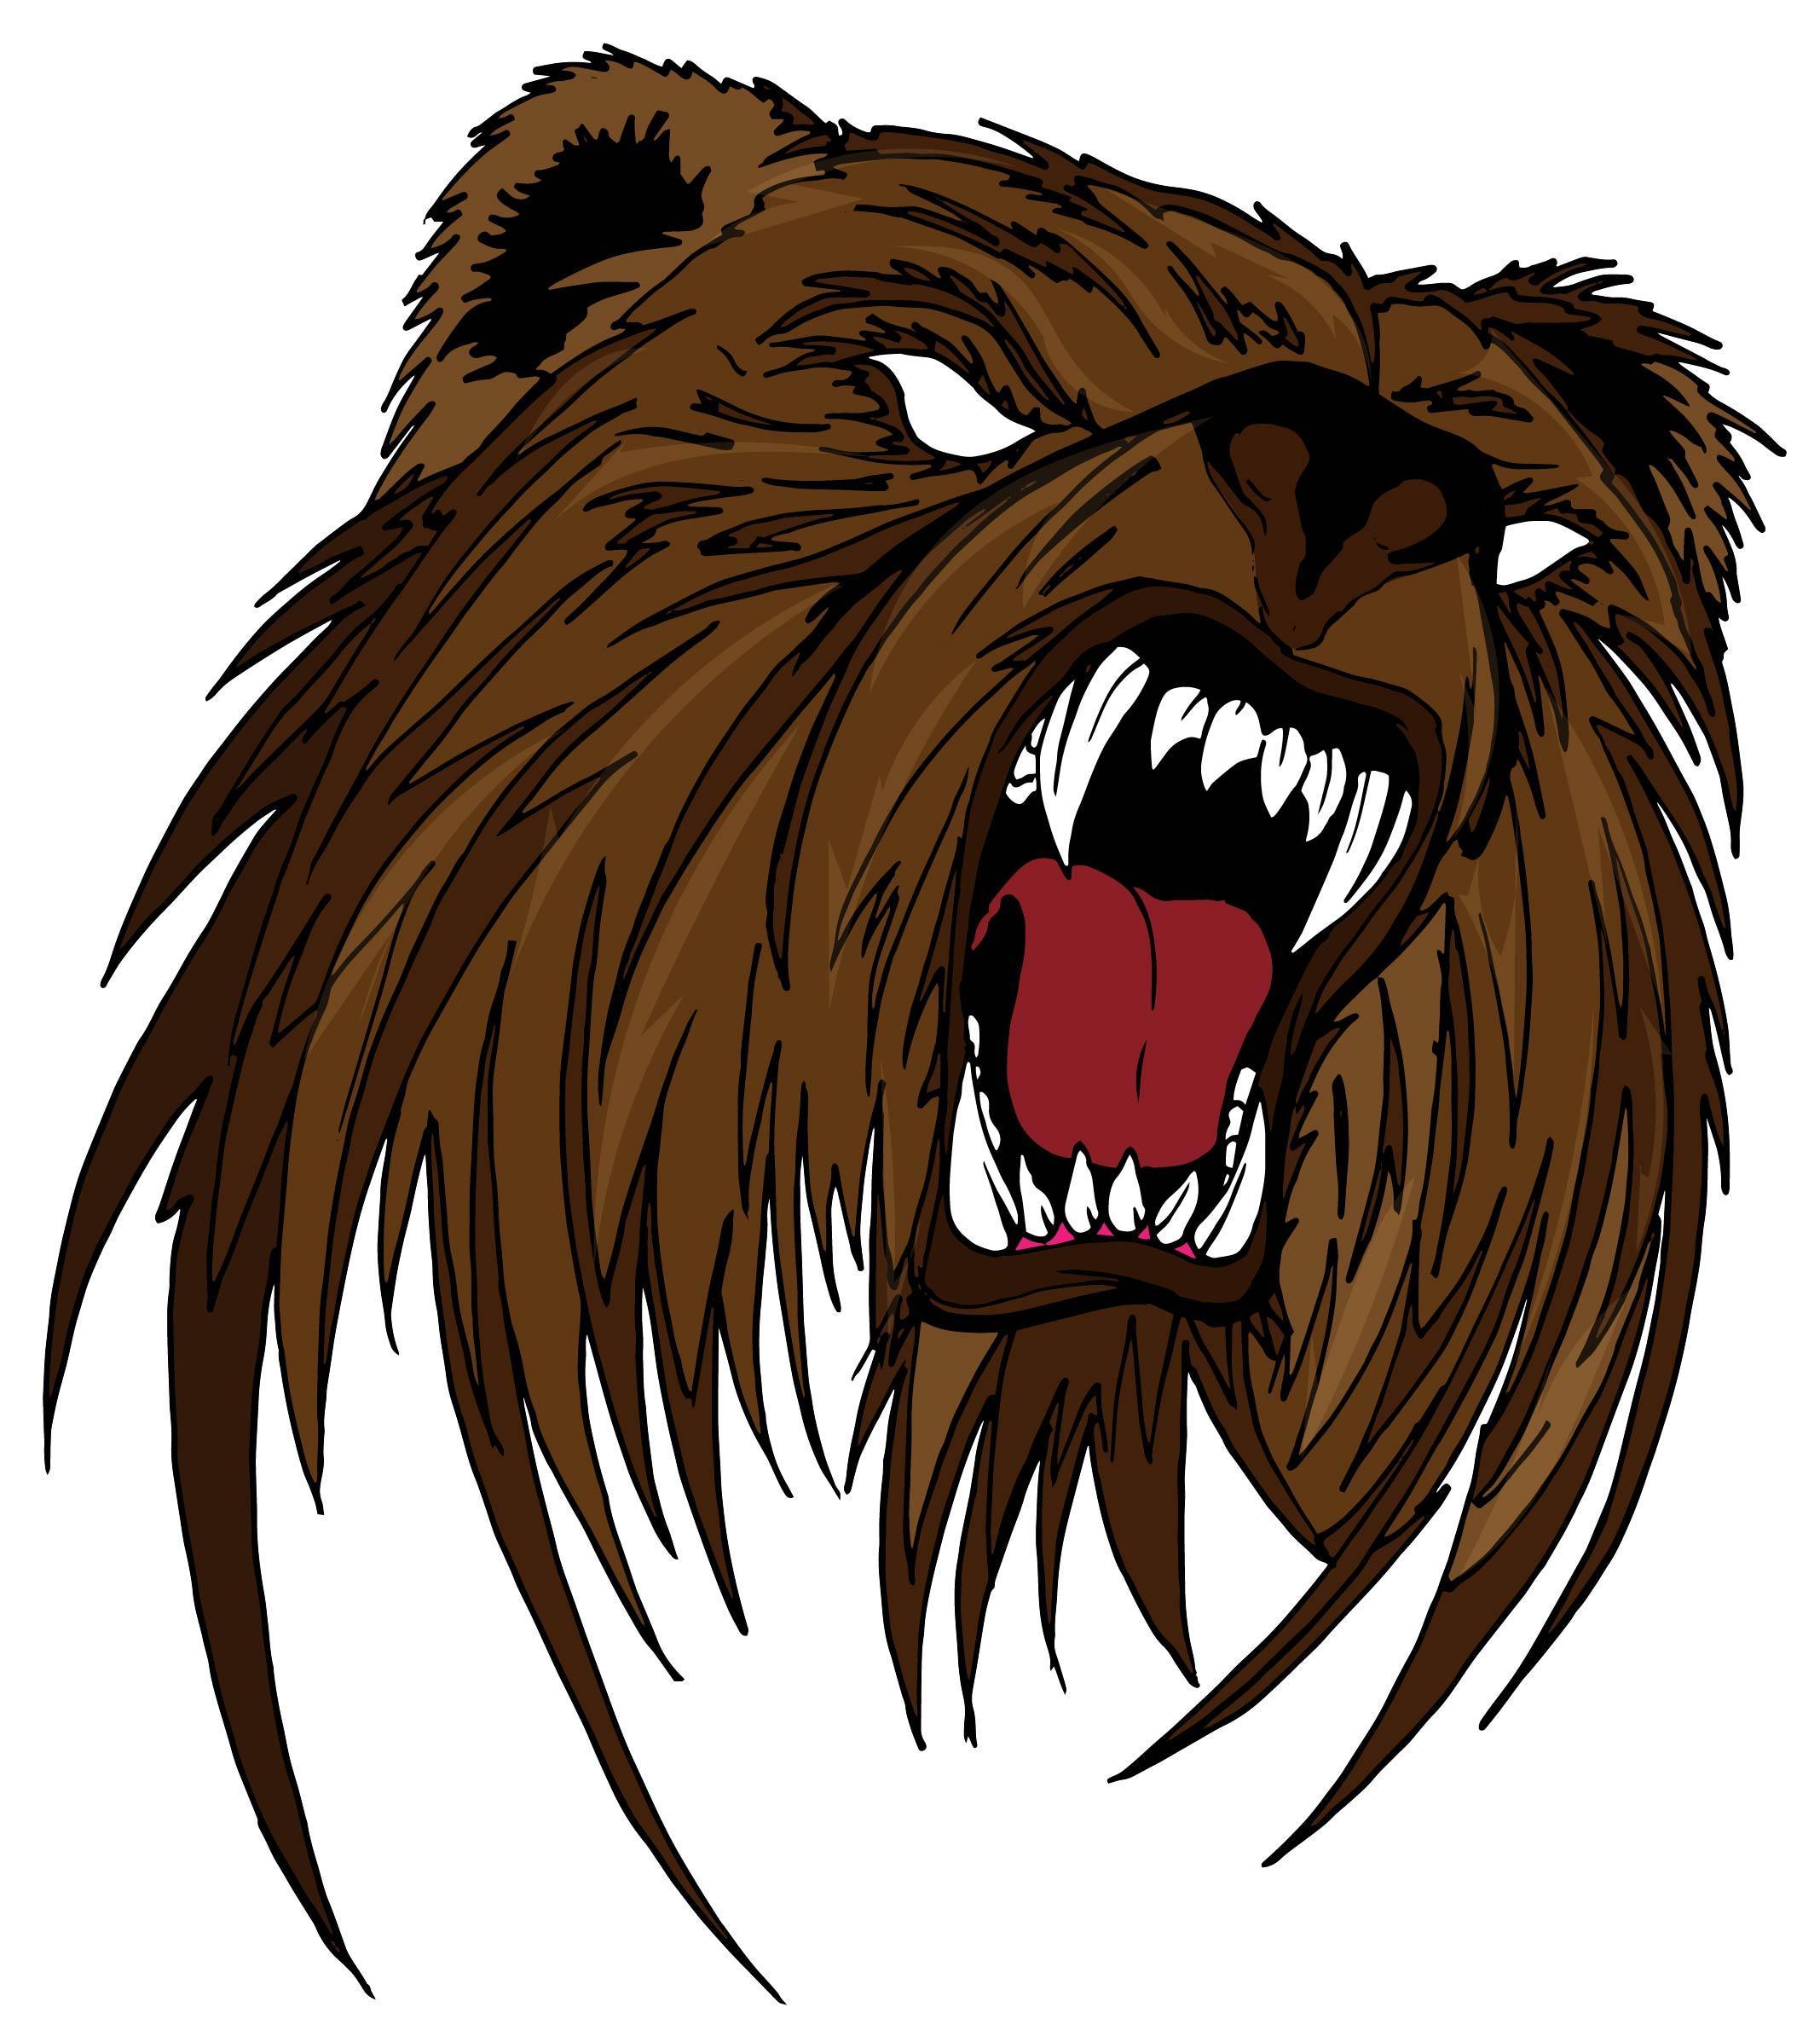 bear@4x-100.jpg